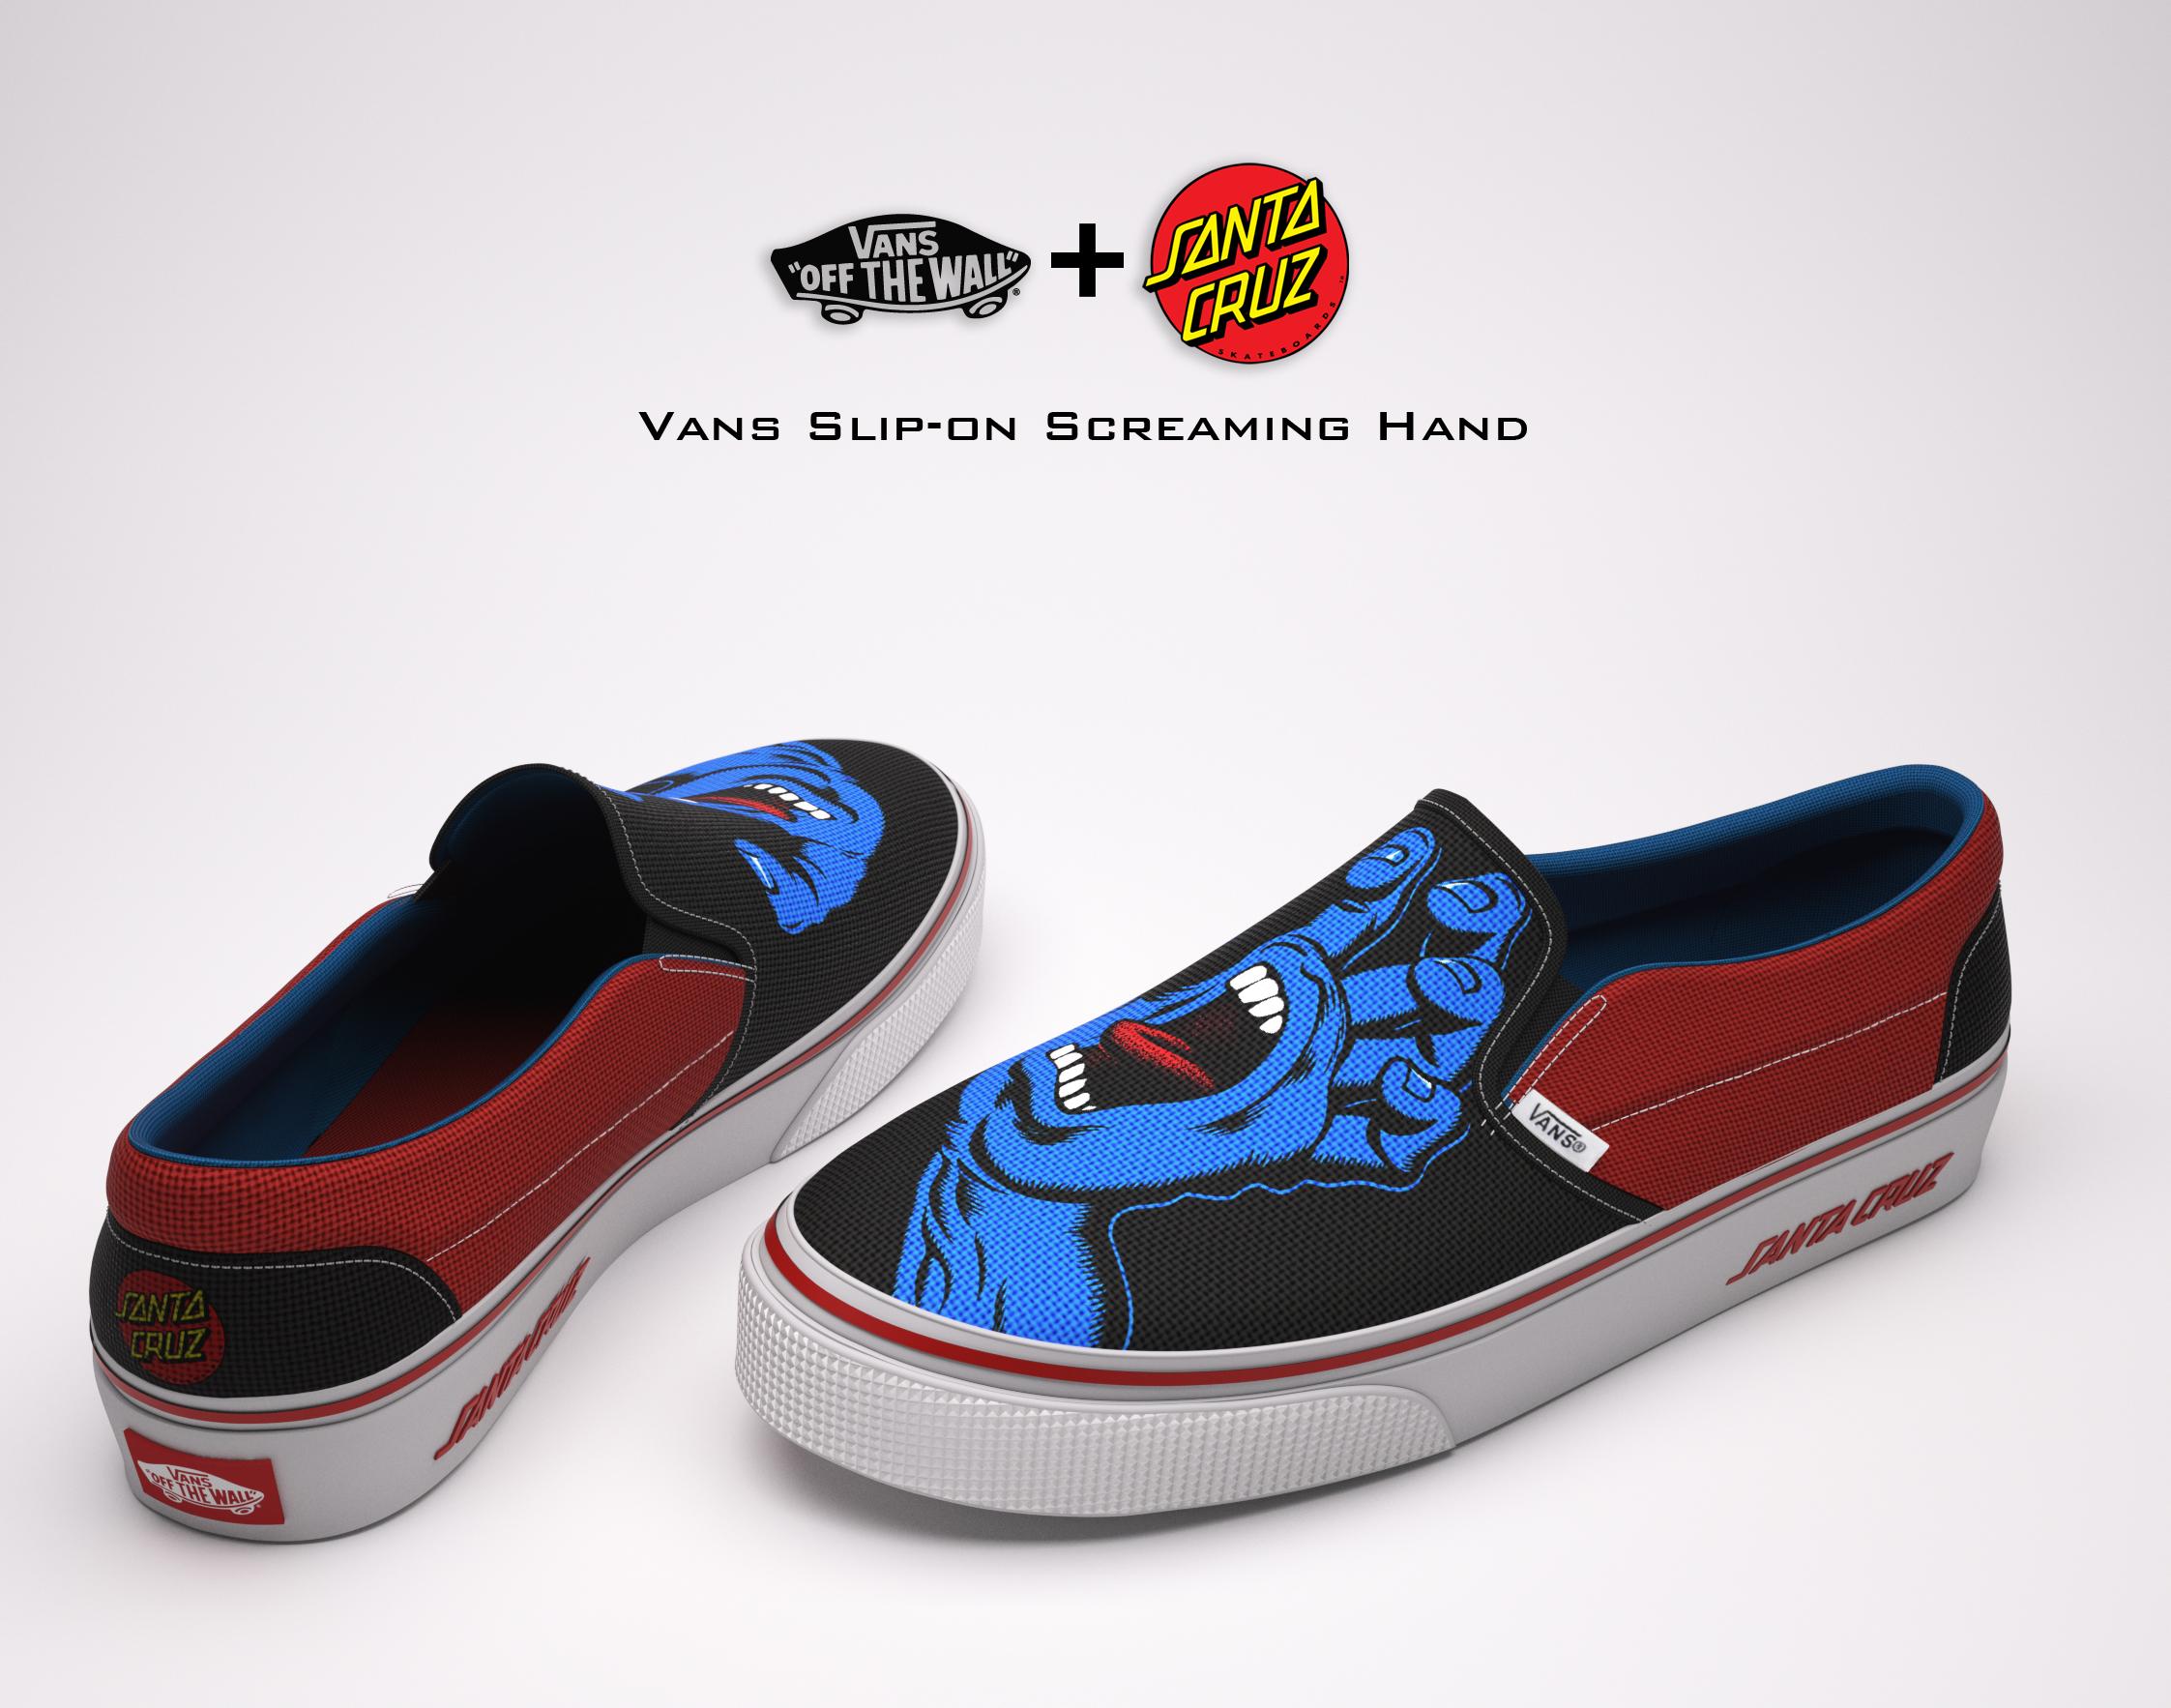 vans shoes art contest 2013